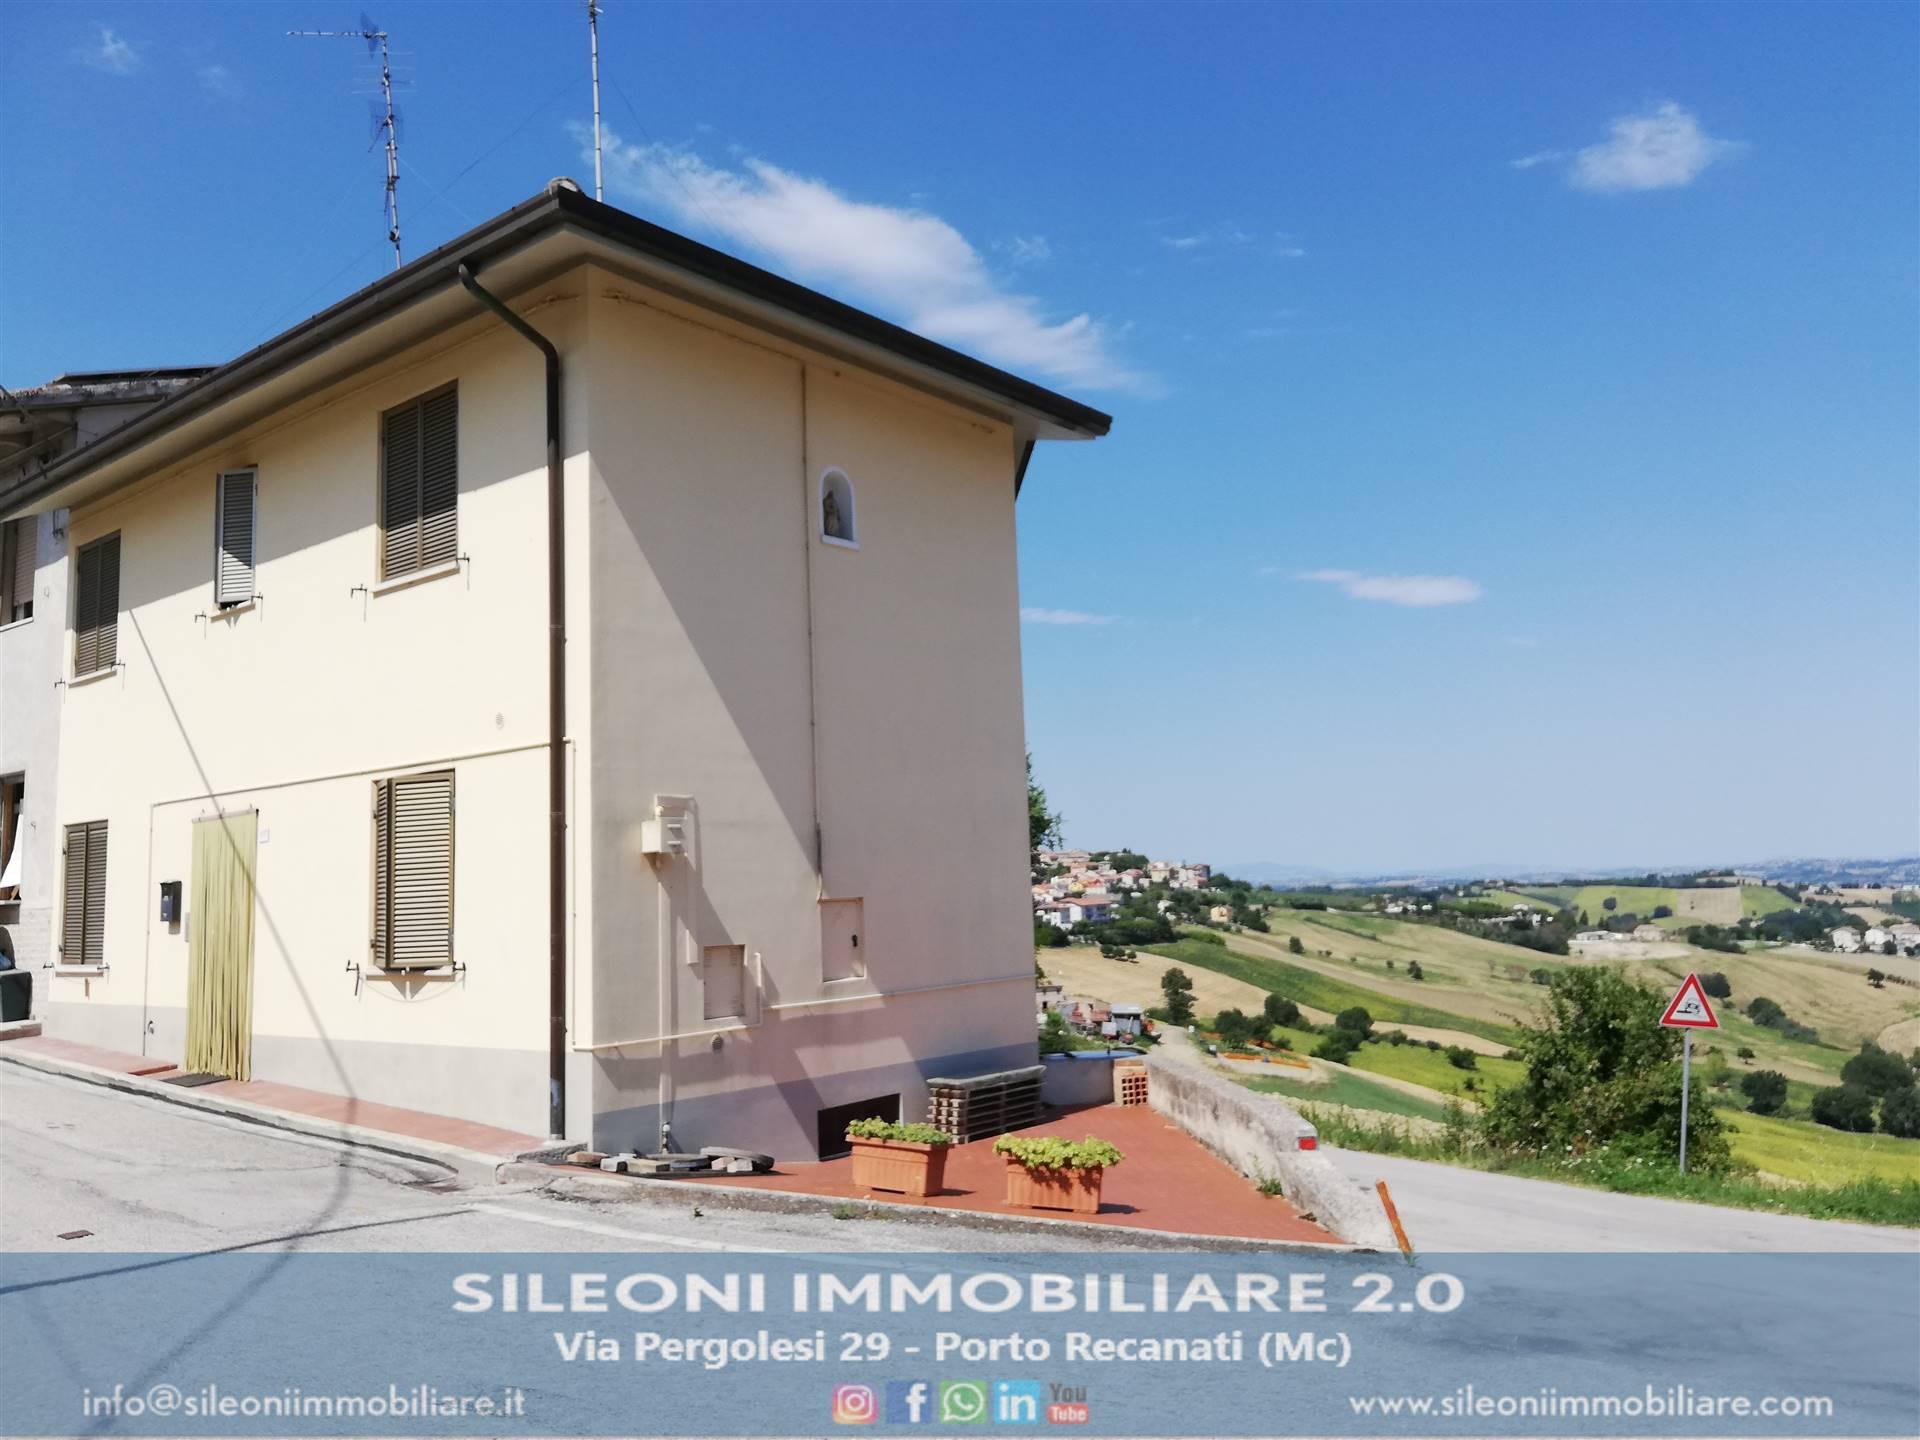 Soluzione Indipendente in vendita a Santa Maria Nuova, 5 locali, prezzo € 90.000 | CambioCasa.it